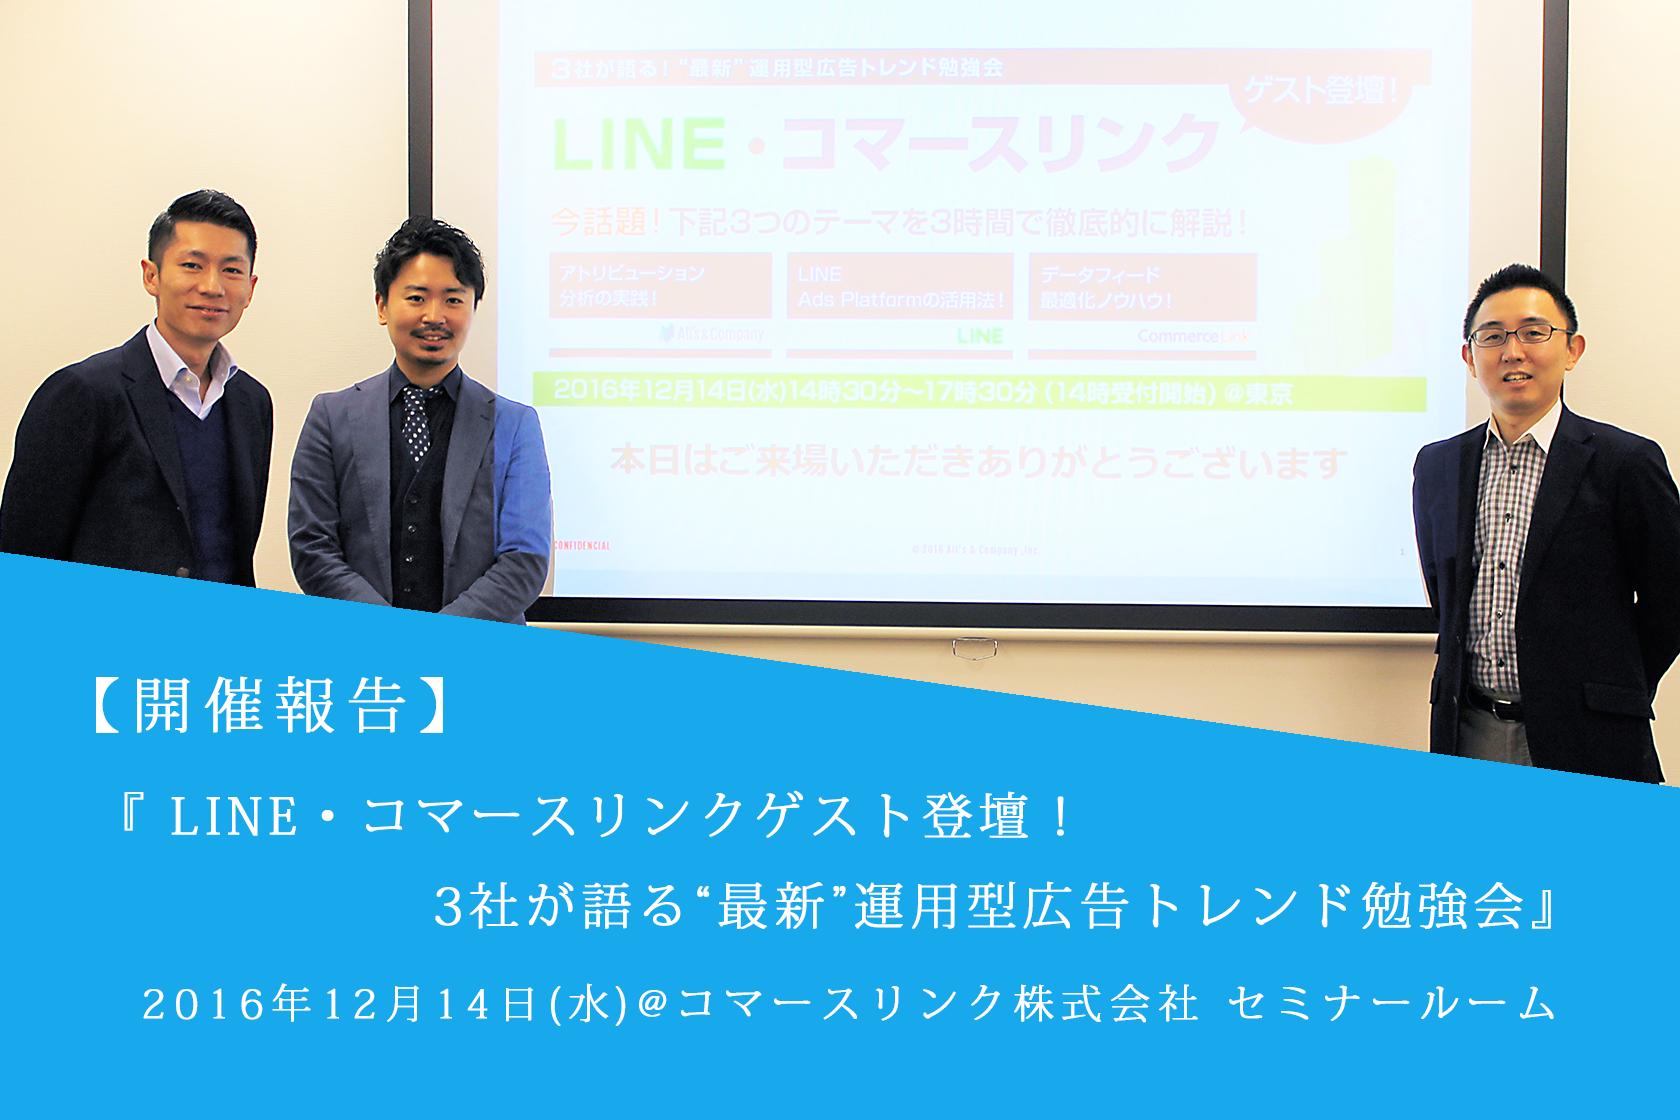 """[開催報告] LINE・コマースリンクゲスト登壇!3社が語る""""最新""""運用型広告トレンド勉強会"""